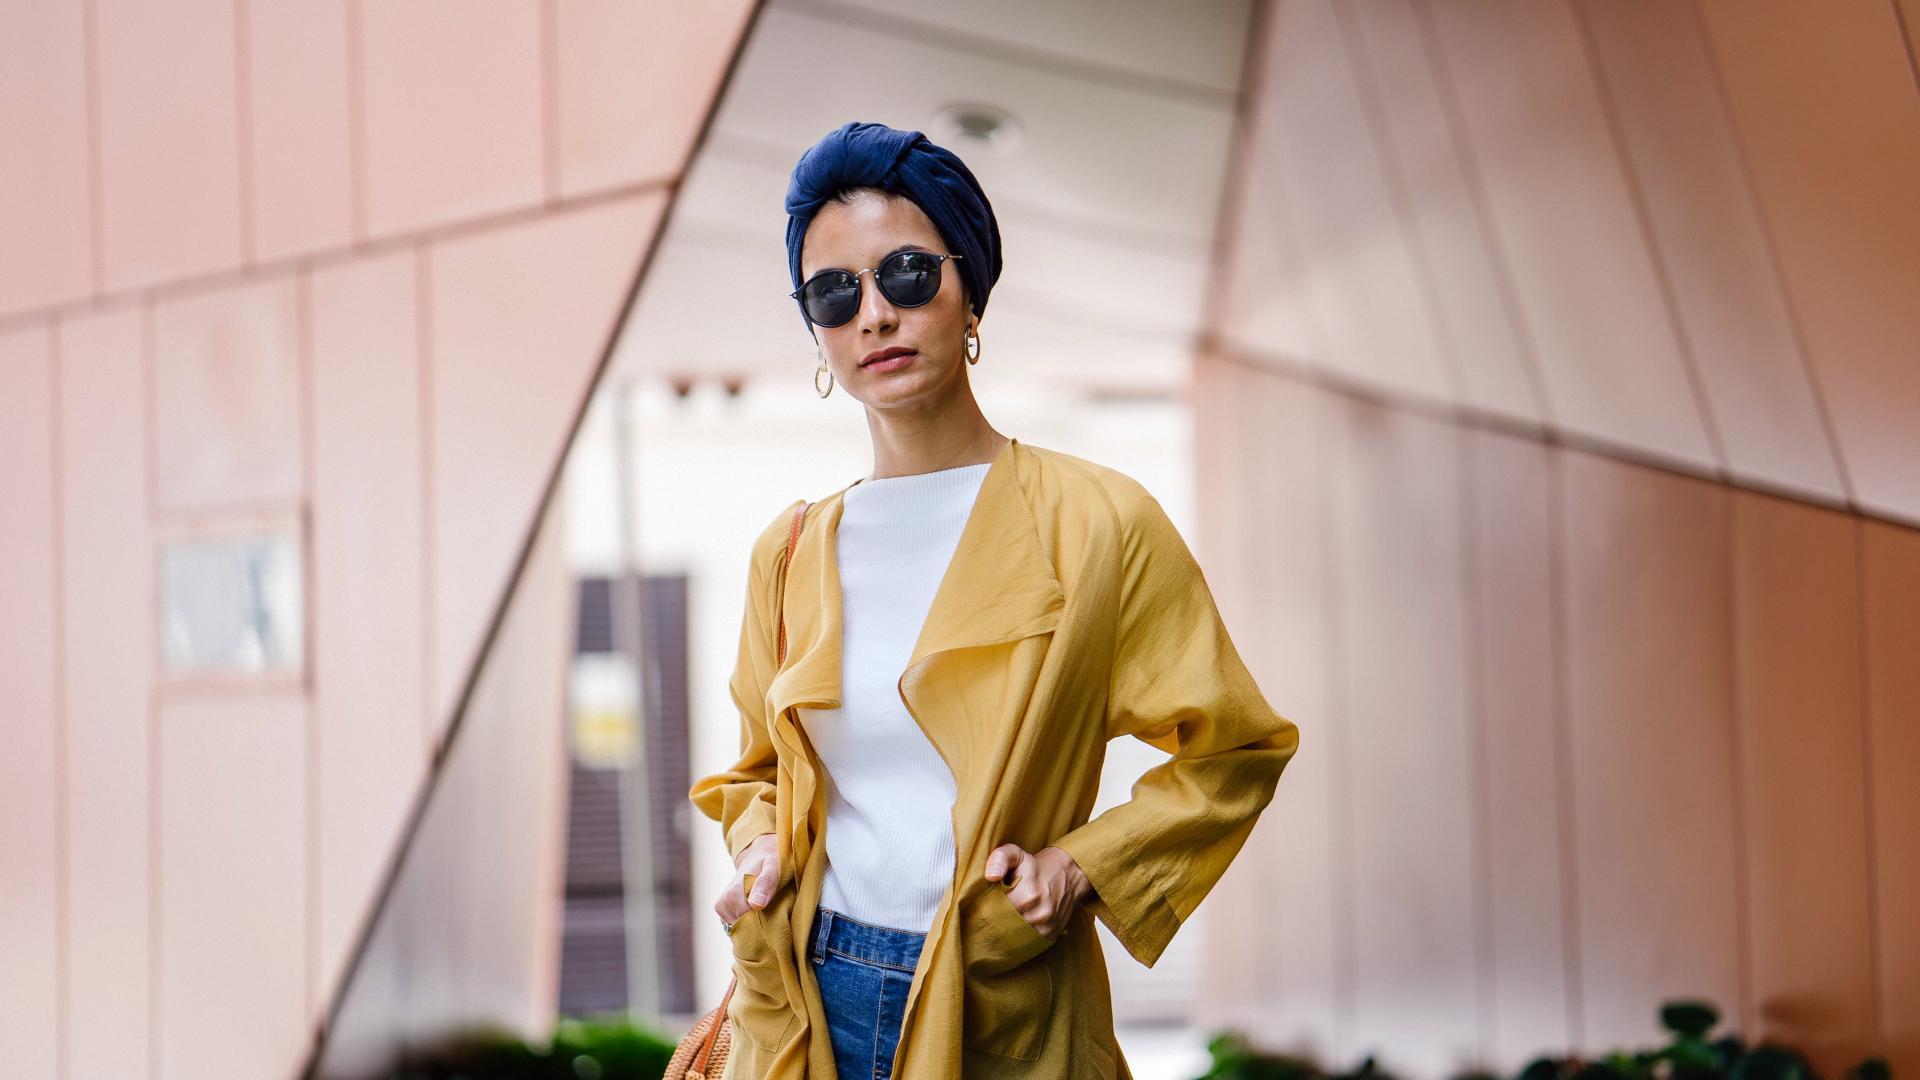 Frau mit gelbem Mantel